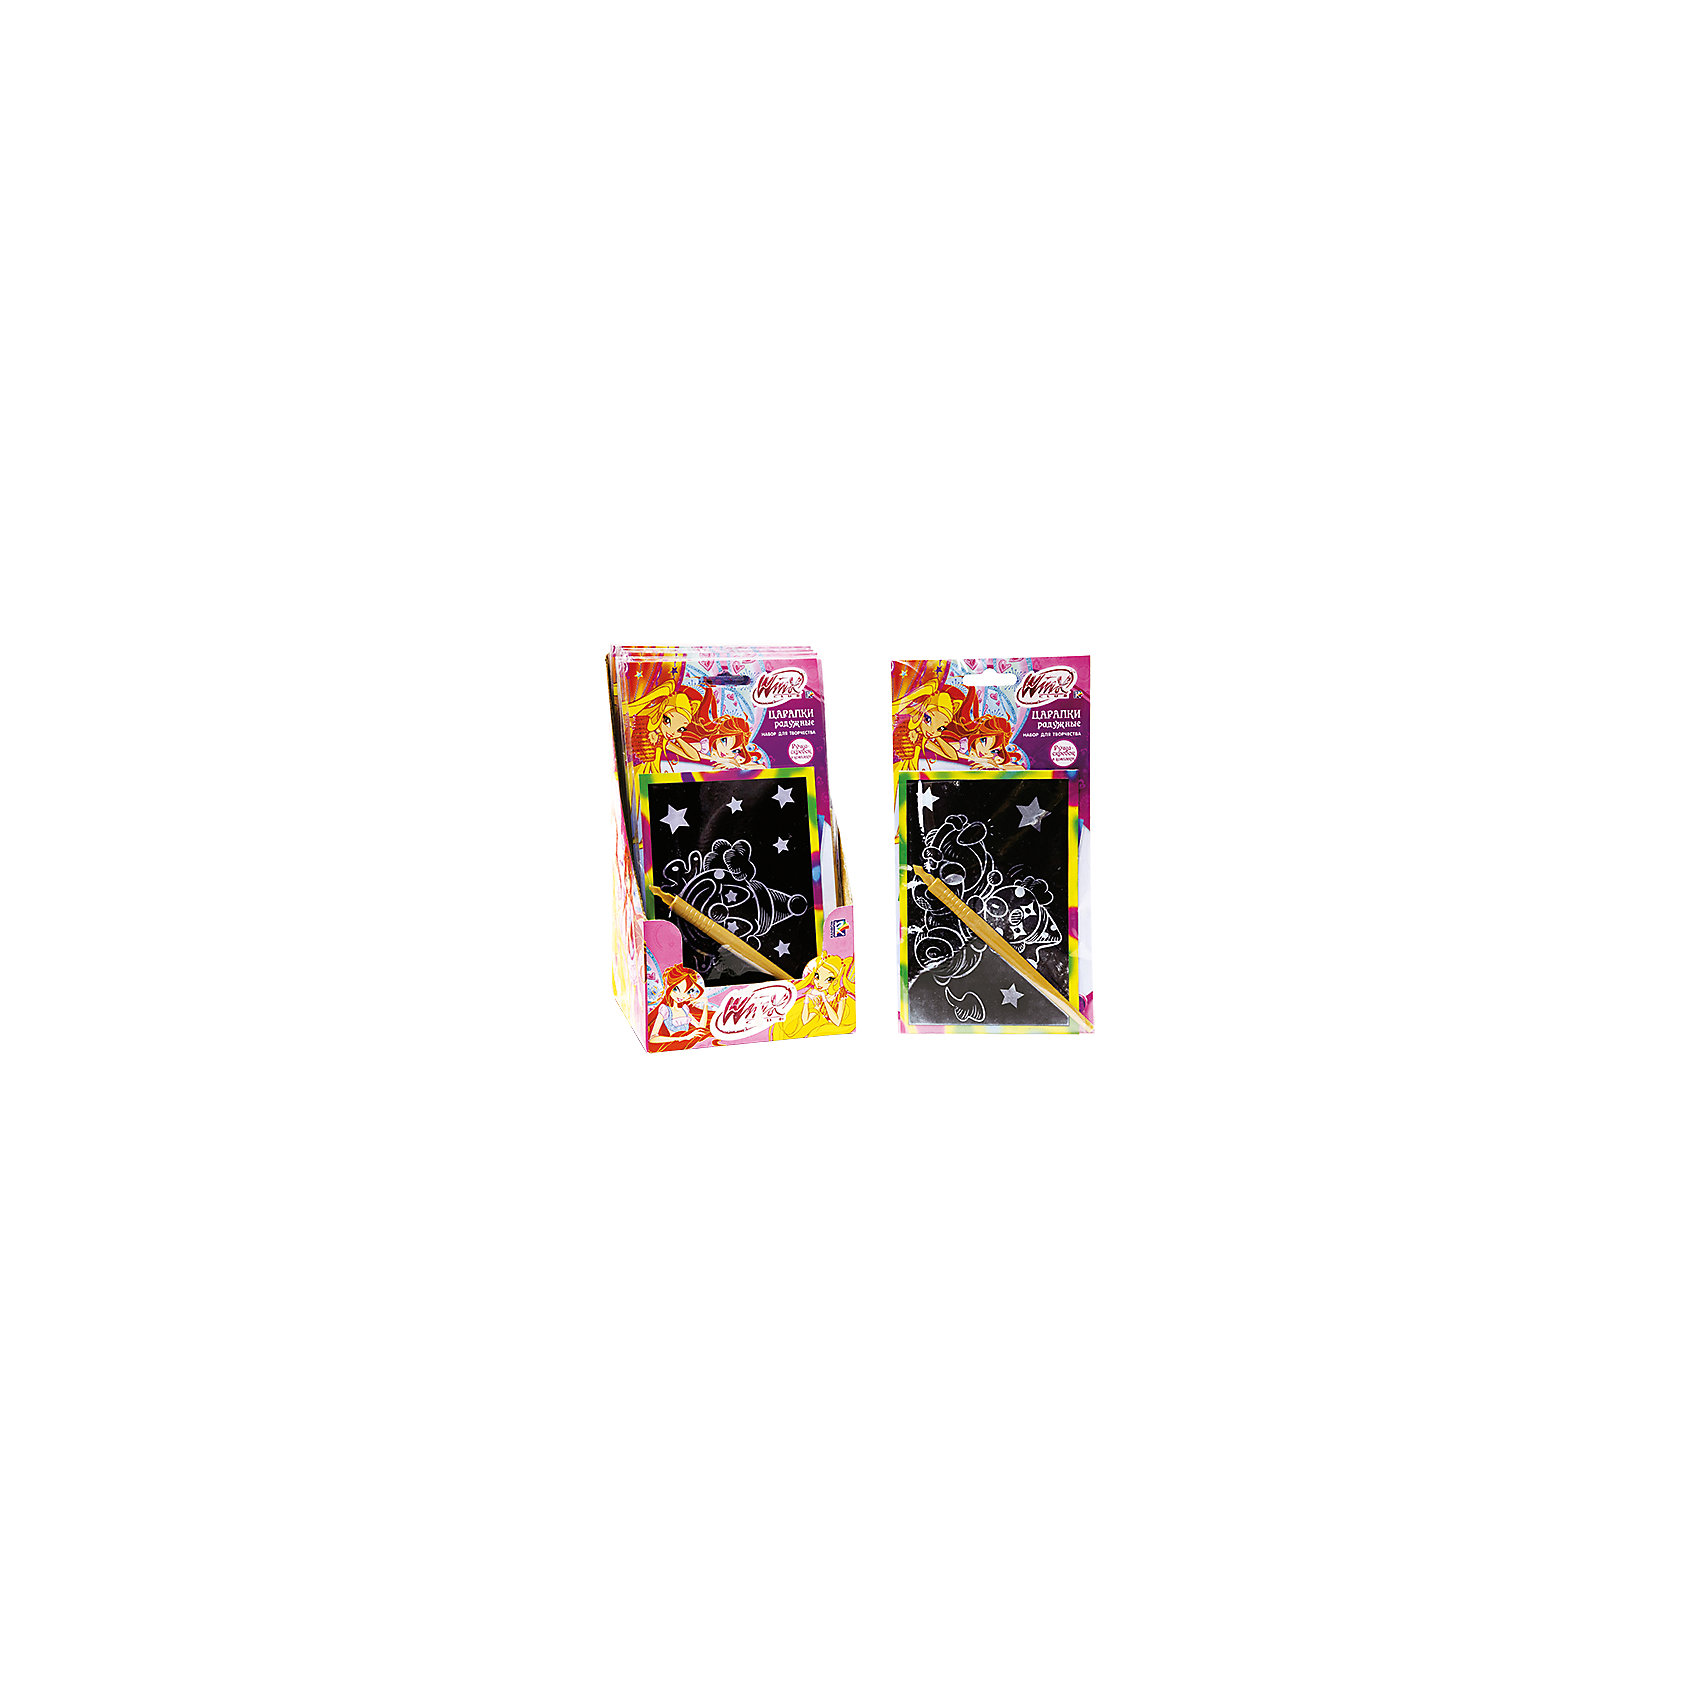 Гравюра Радужные царапки, в ассортиментеГравюры<br>Гравюра Радужные царапки и феи Винкс помогут ребенку поверить в настоящее волшебство. Ведь так просто создать красивую картинку своими руками!<br>Дополнительная информация:<br>-в наборе: гравюра<br>-вес: 40 грамм<br>-размер упаковки: 21х12х14 см<br>Гравюру Радужные царапки вы можете приобрести в нашем интернет-магазине.<br>ВНИМАНИЕ! Данный артикул имеется в наличии в разных вариантах исполнения. Заранее выбрать определенный вариант нельзя. При заказе нескольких гравюр возможно получение одинаковых.<br><br>Ширина мм: 140<br>Глубина мм: 120<br>Высота мм: 210<br>Вес г: 40<br>Возраст от месяцев: 60<br>Возраст до месяцев: 108<br>Пол: Женский<br>Возраст: Детский<br>SKU: 4915545